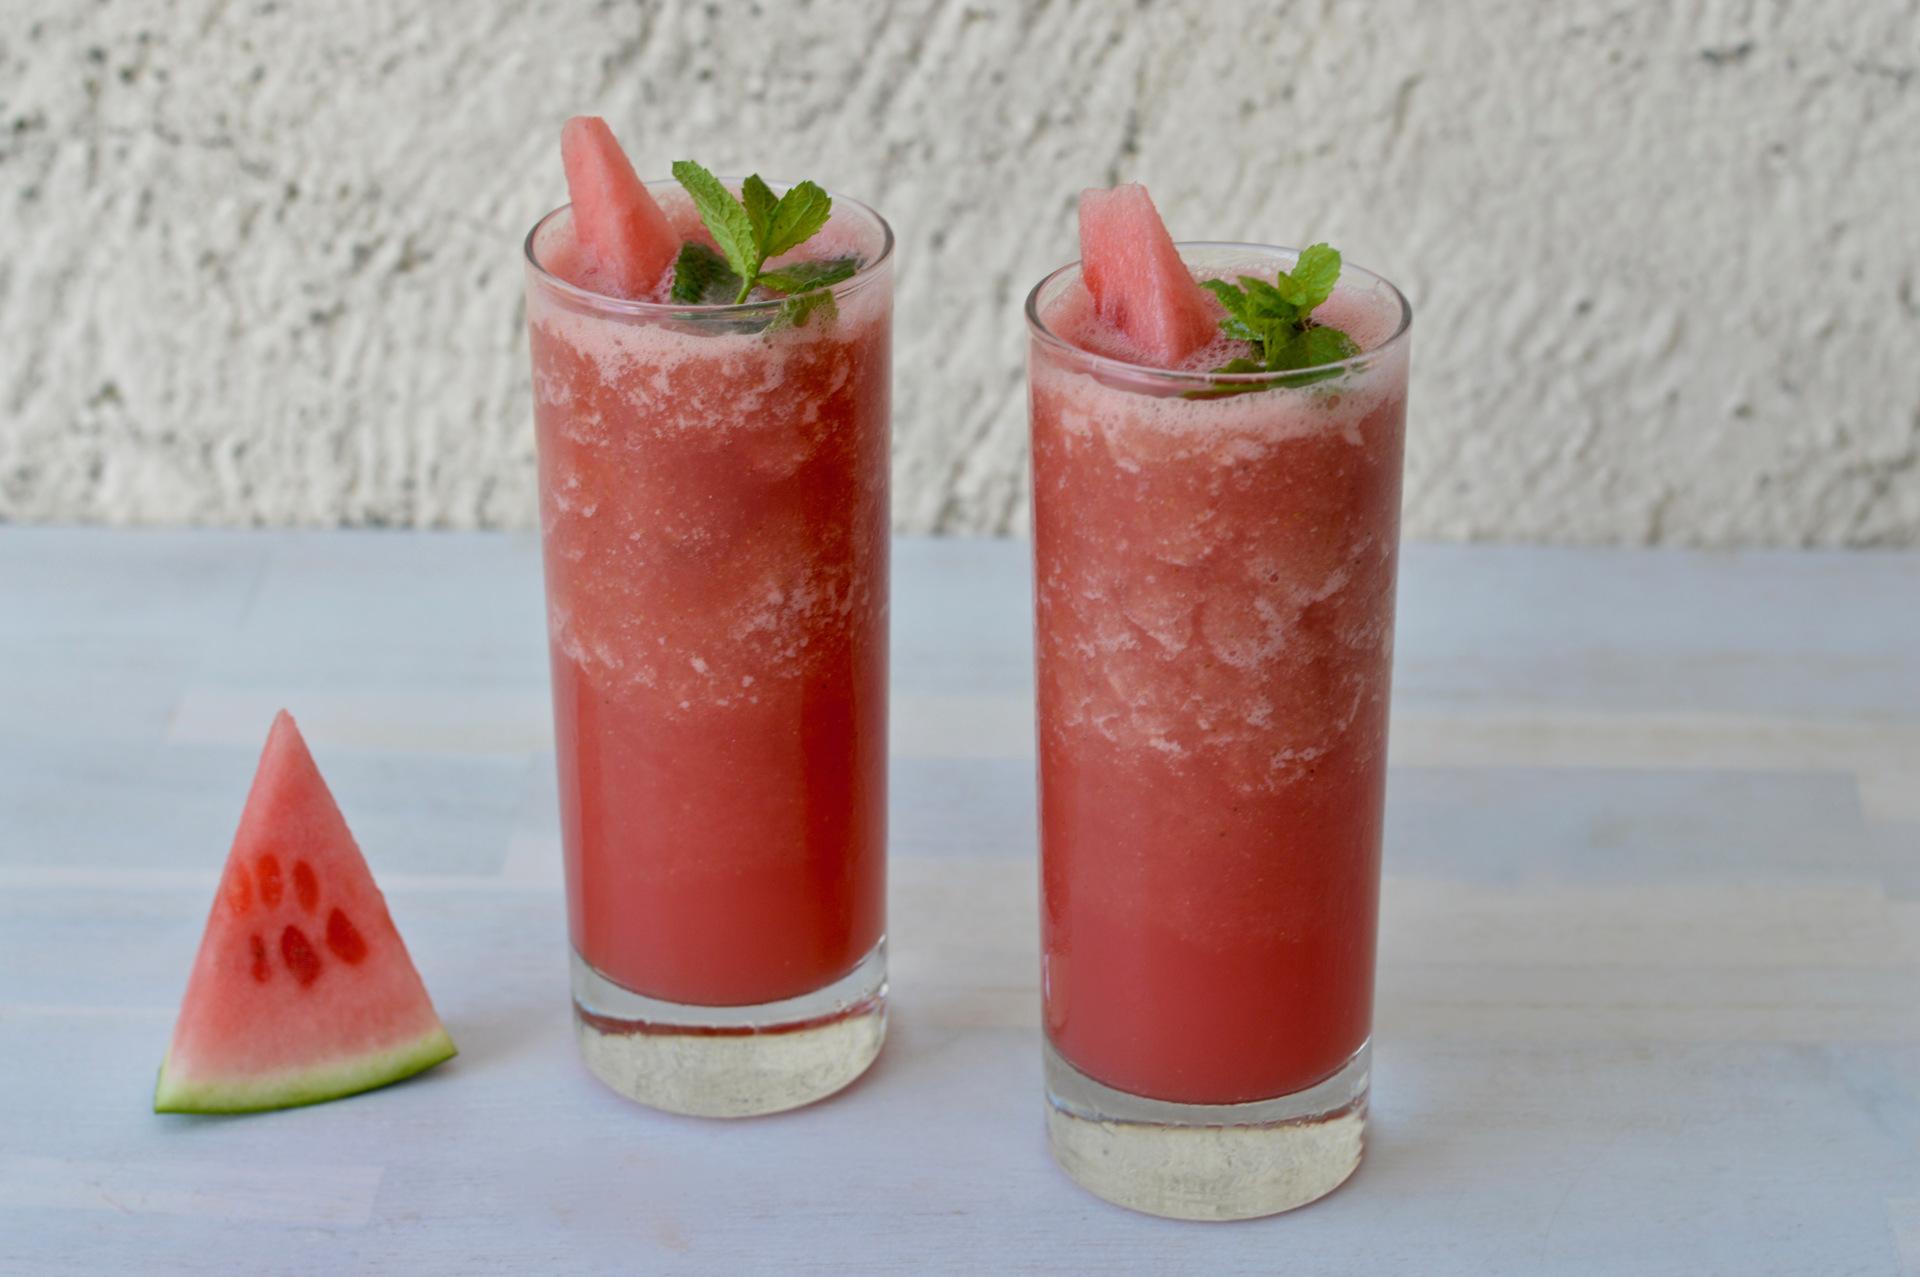 Watermelon Summer Smoothie [Vegan]